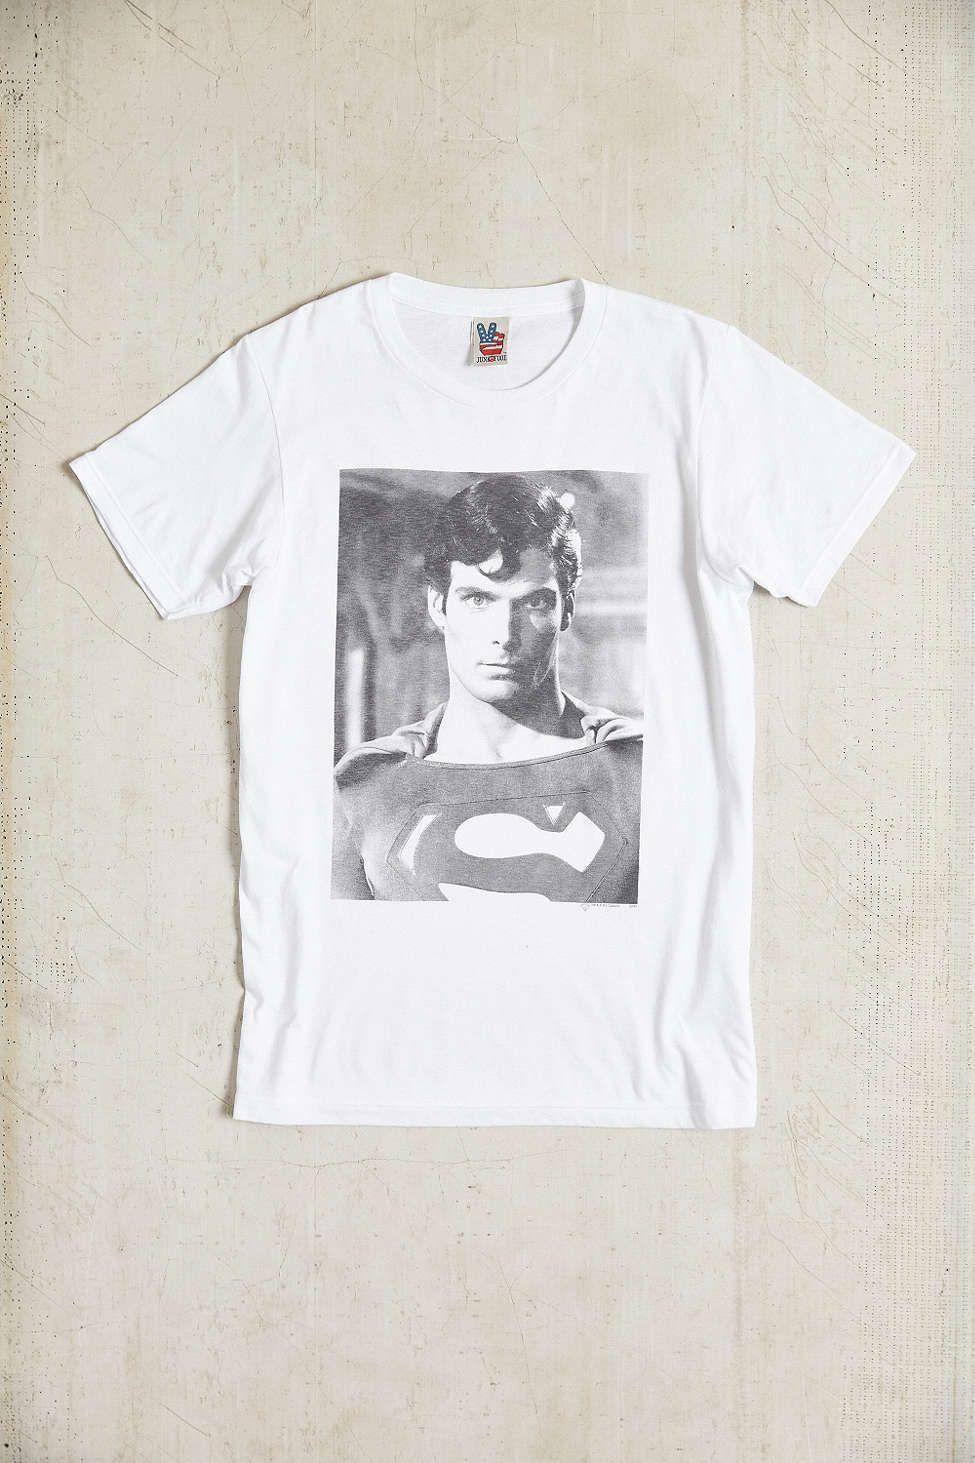 Christopher Reeves Superman Tee\